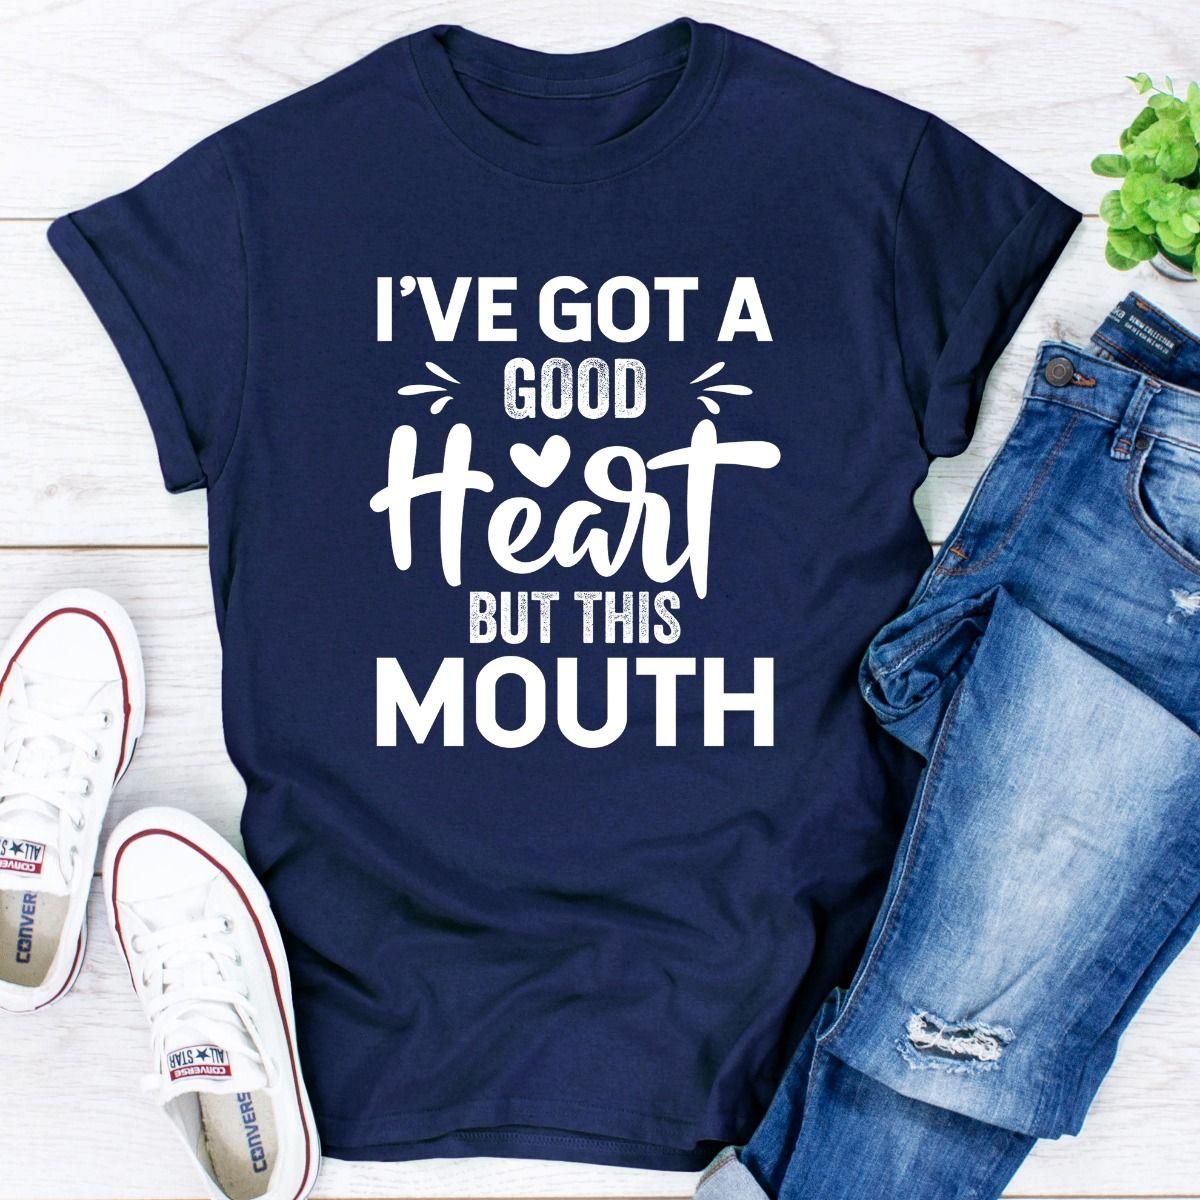 I've Got A Good Heart But This Mouth (Navy / 2XL)